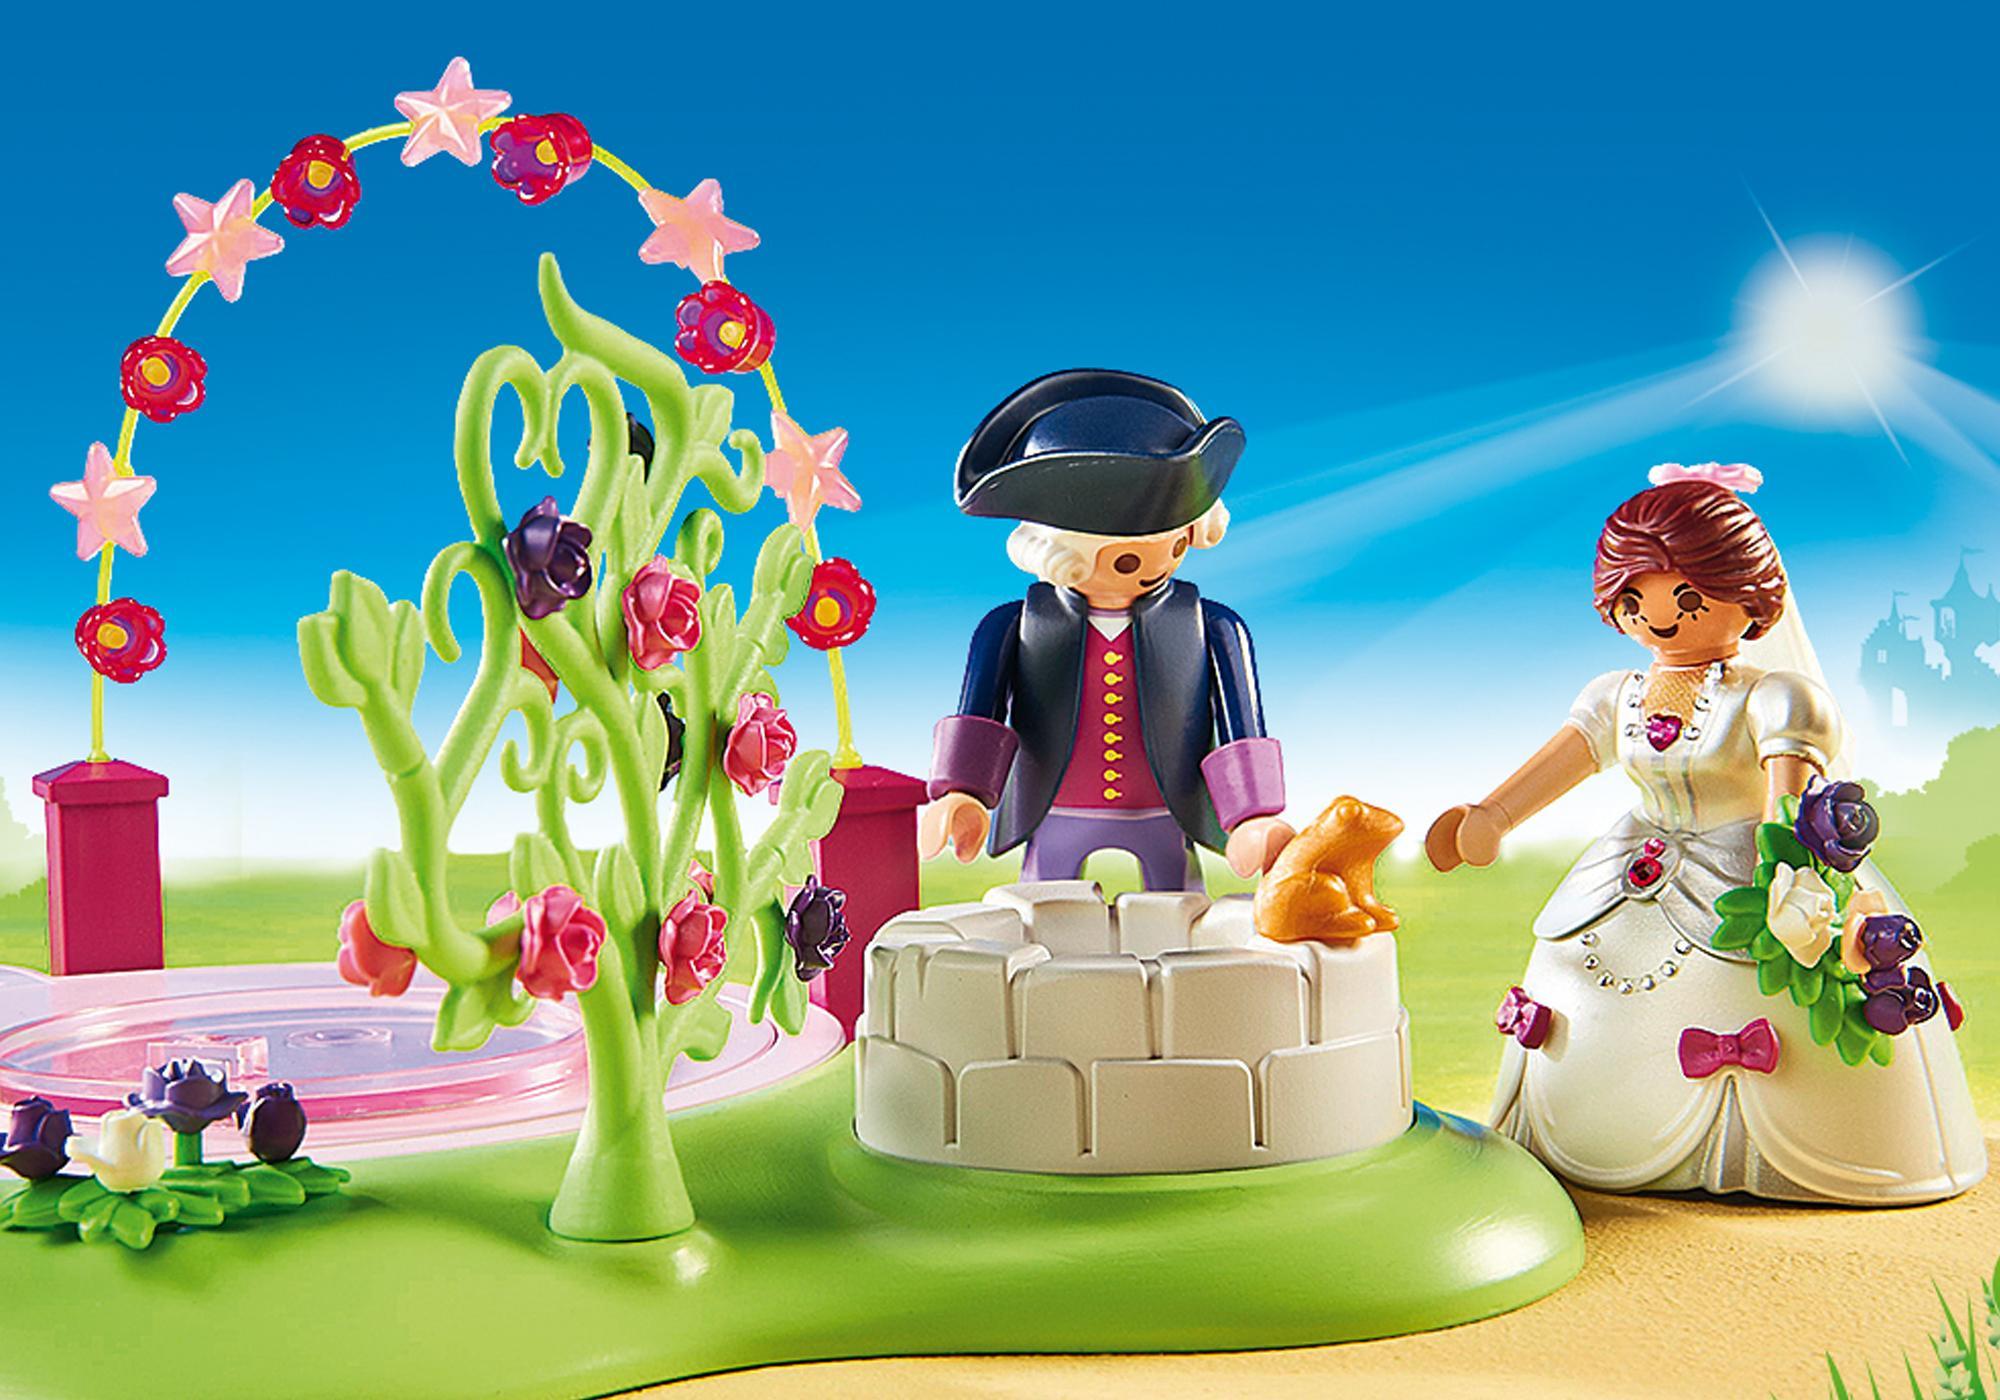 http://media.playmobil.com/i/playmobil/6853_product_extra1/Замок Принцессы: Маскарадный бал